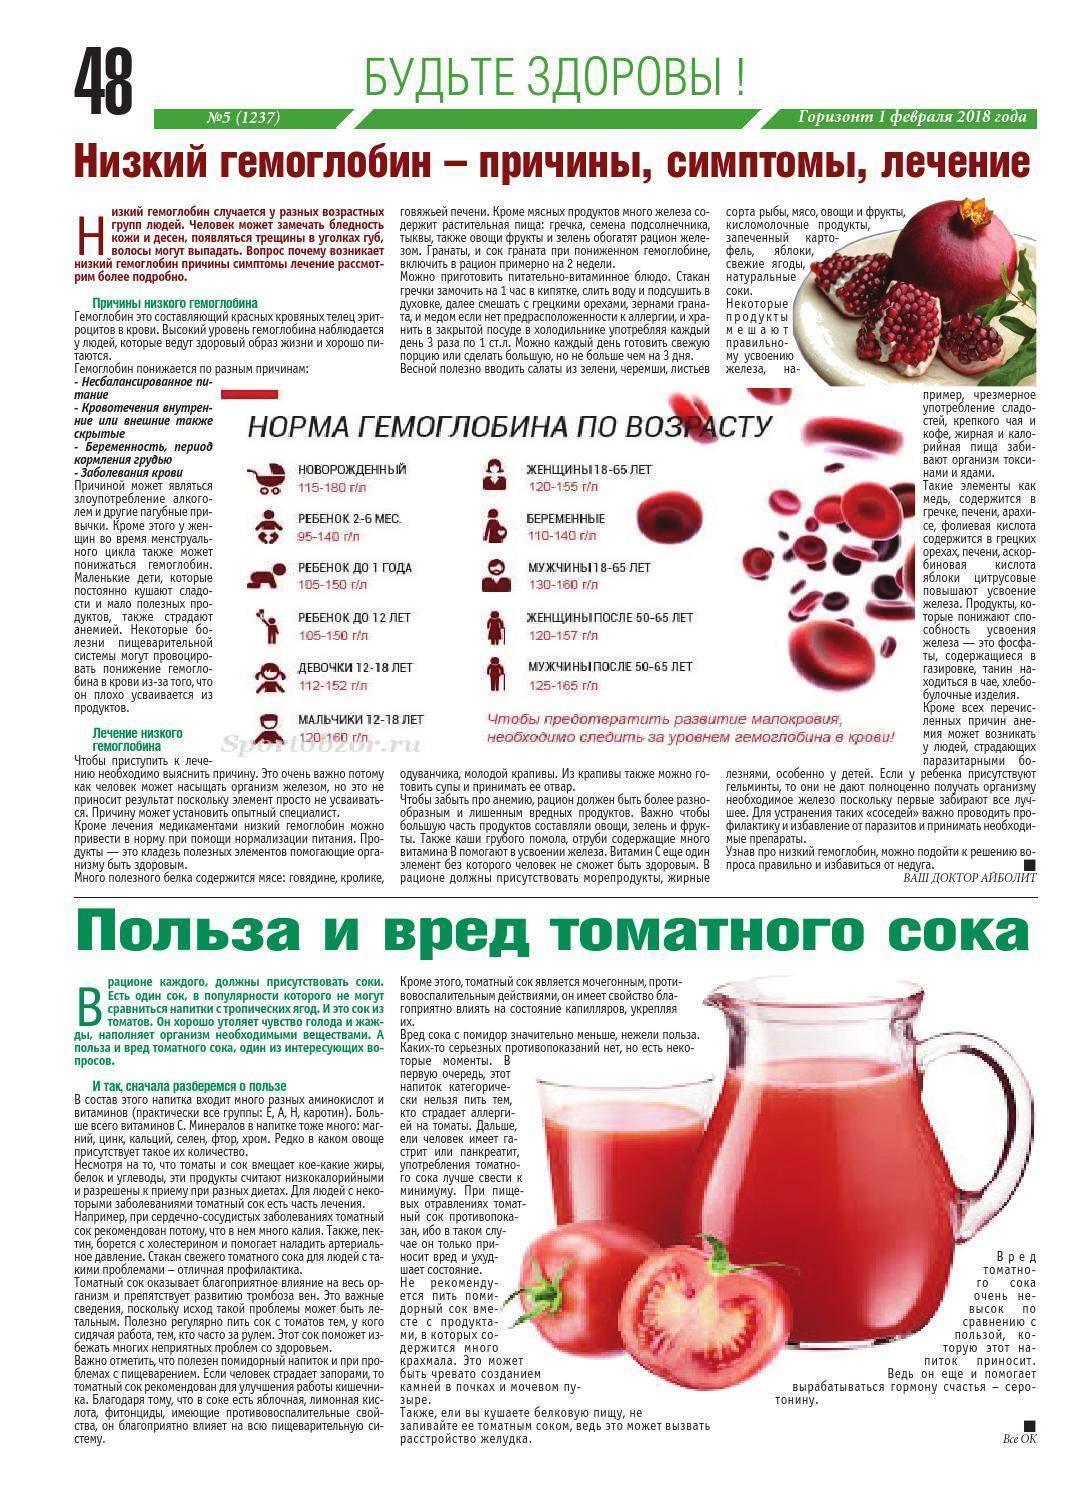 Как повысить гемоглобин? как поднять гемоглобин в домашних условиях? продукты, поднимающие гемоглобин :: polismed.com